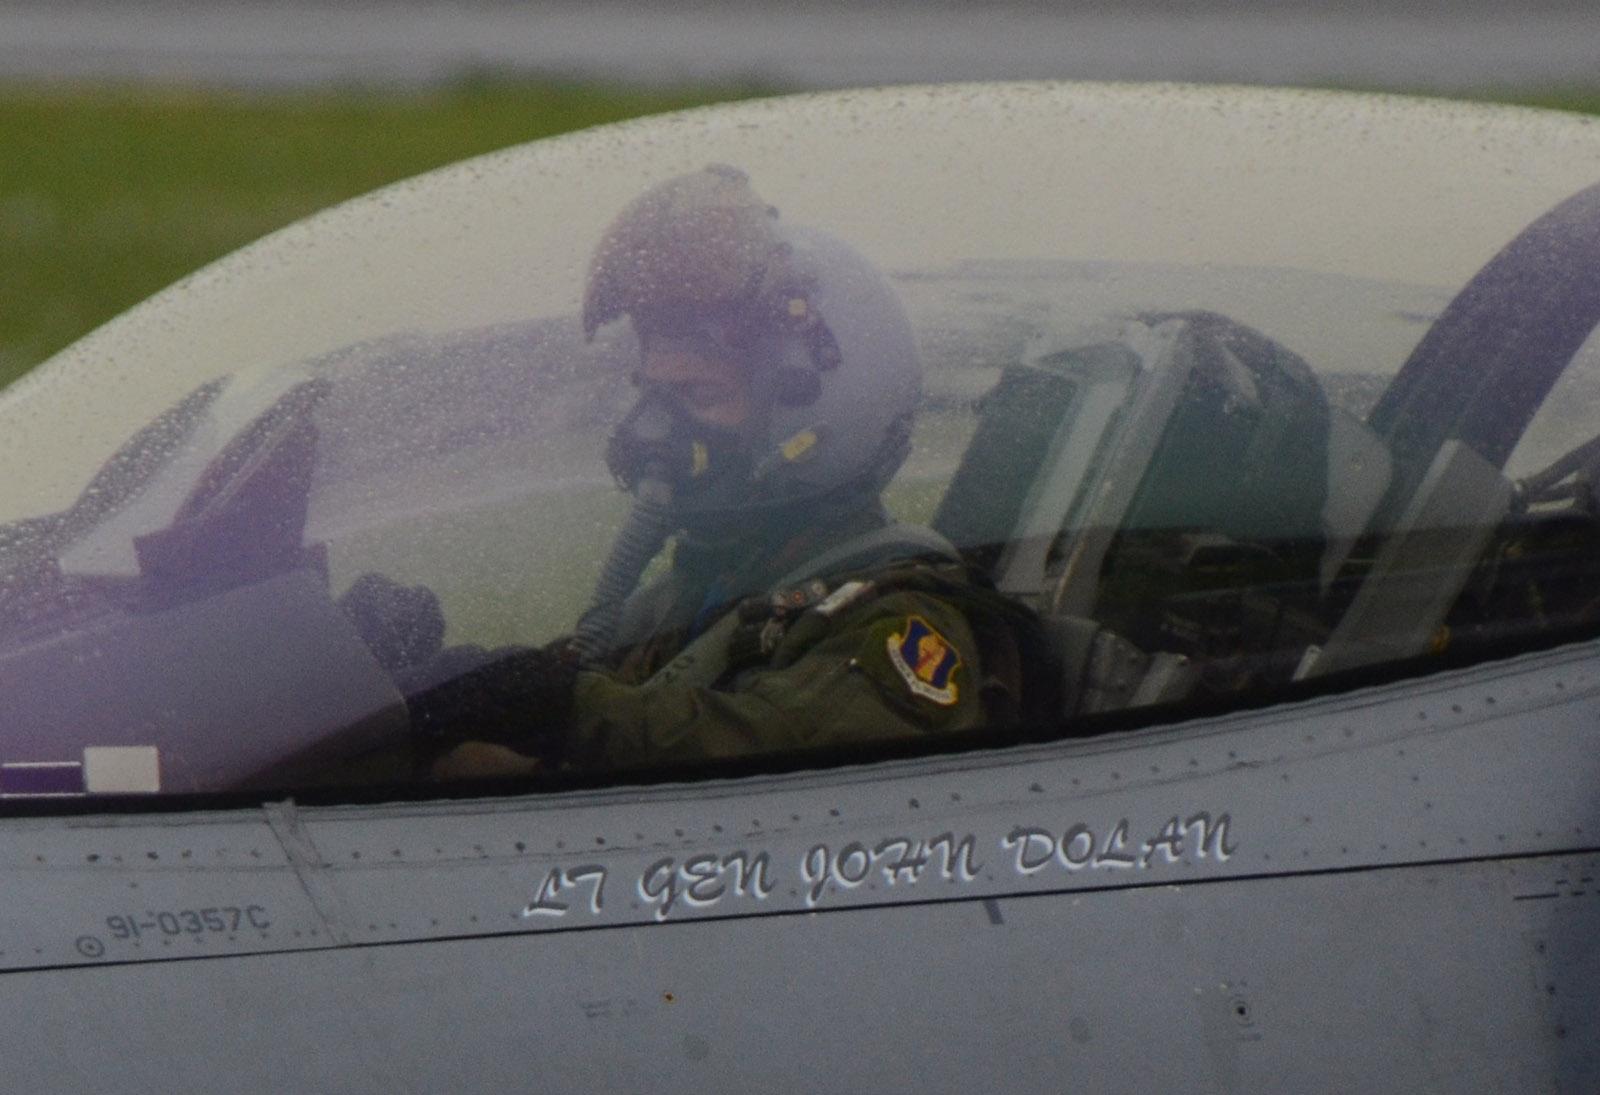 F16cm150605g061